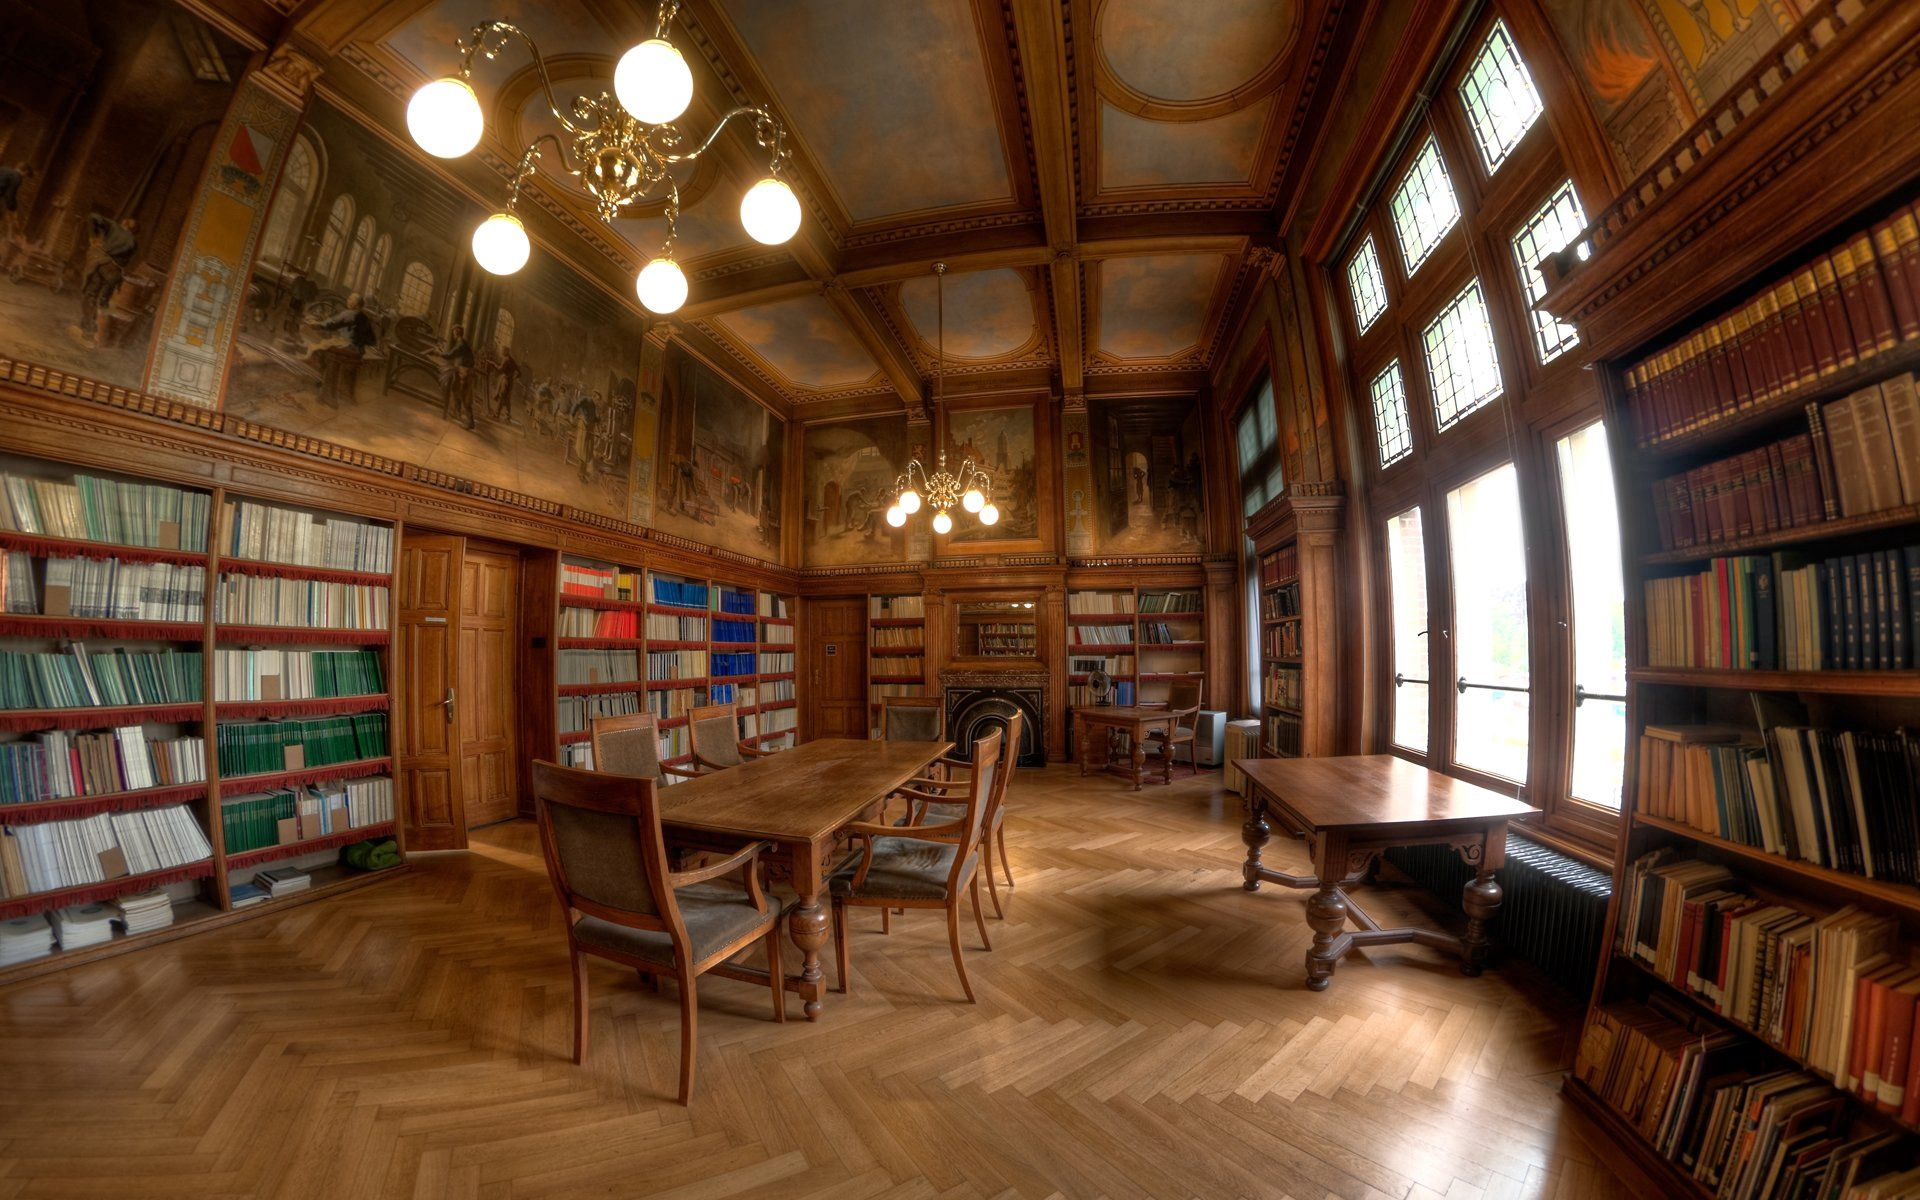 108099 скачать обои Разное, Библиотека, Стиль, Стол, Книги, Деревянный - заставки и картинки бесплатно